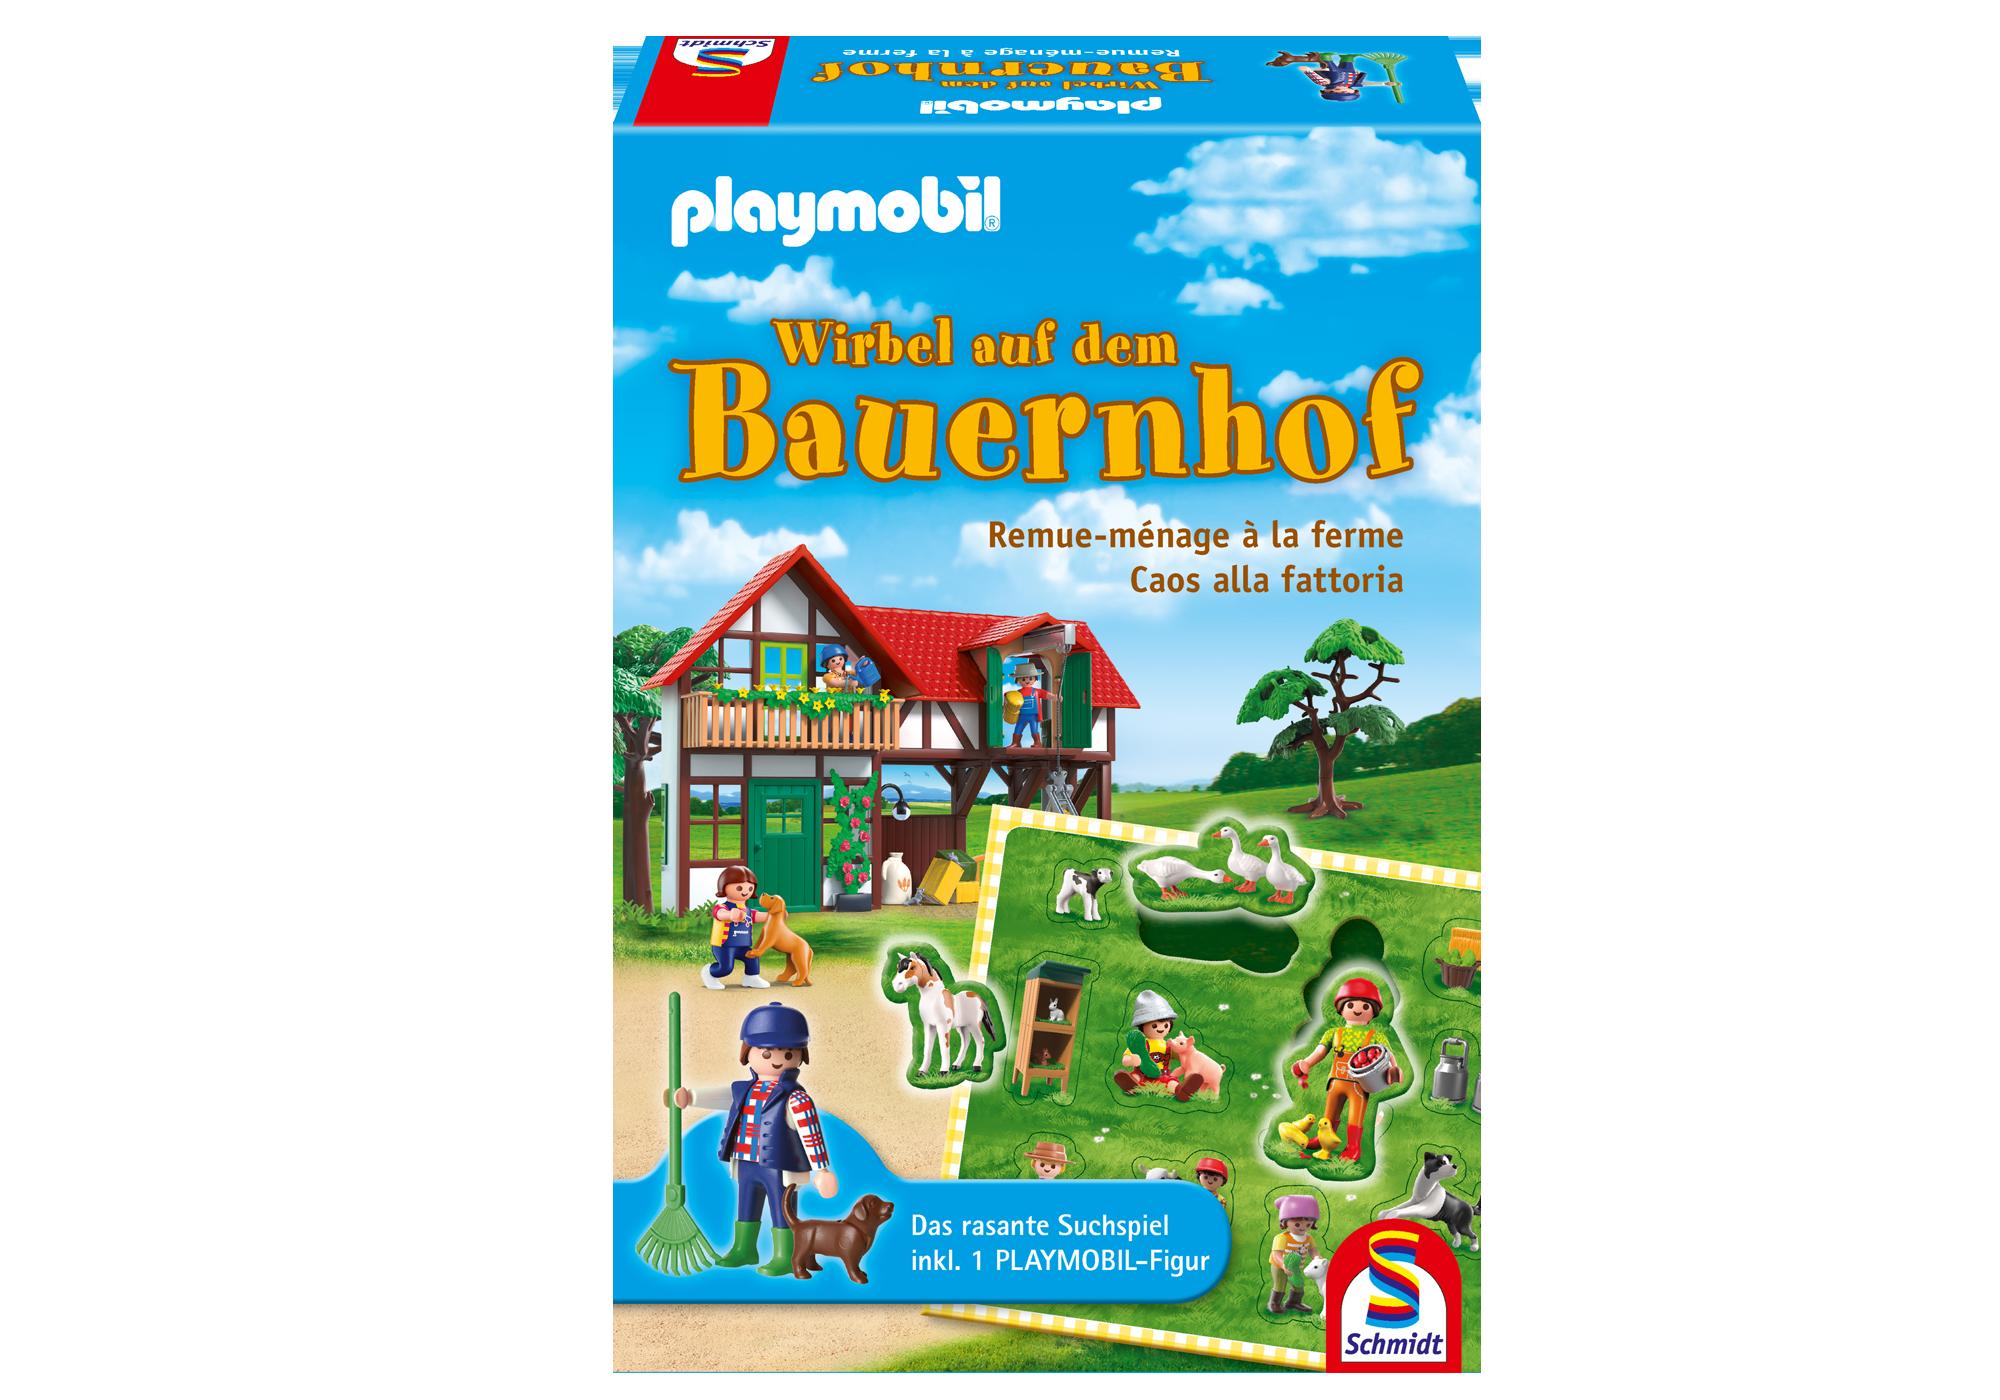 http://media.playmobil.com/i/playmobil/80141_product_detail/Suchspiel: Wirbel auf dem Bauernhof